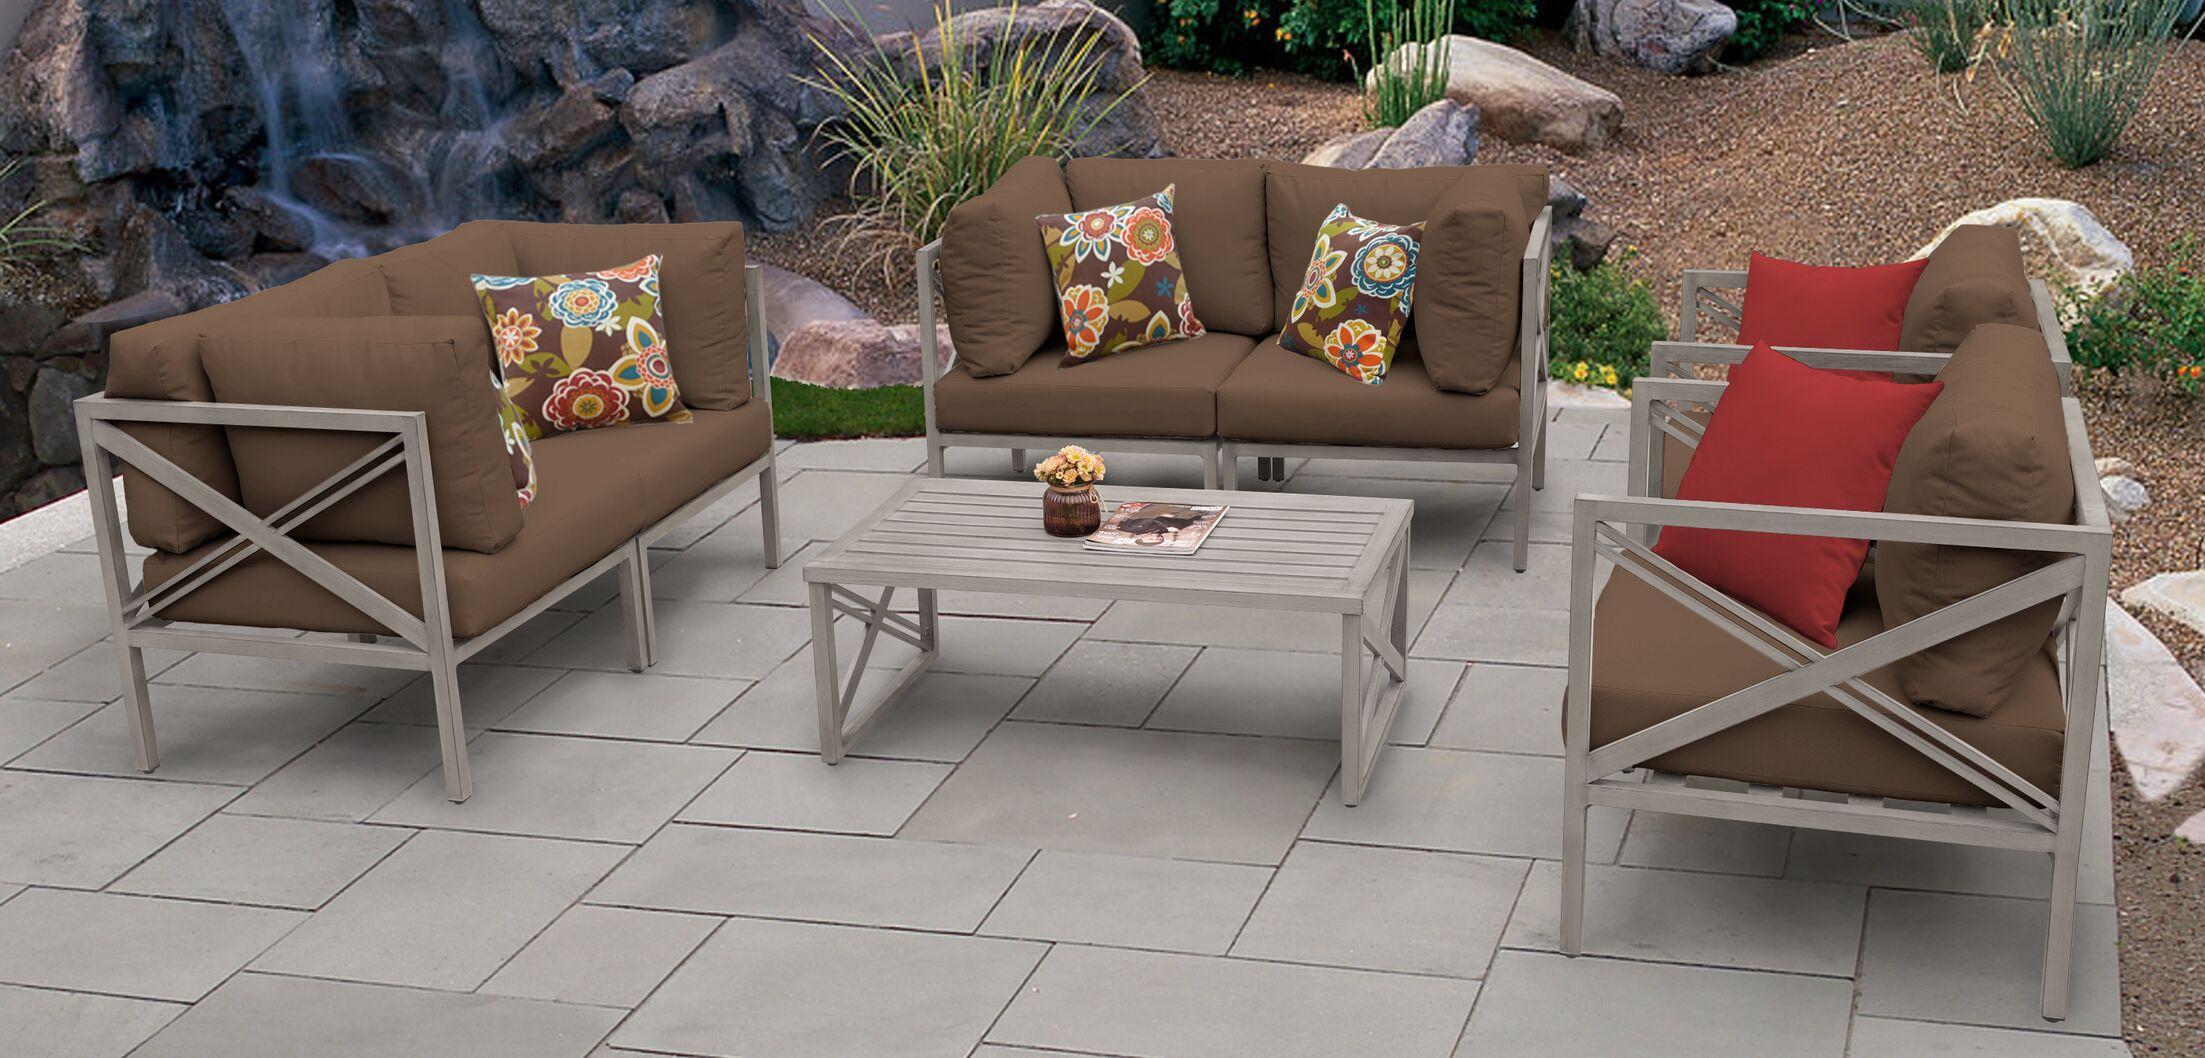 Carlisle 7 Piece Sofa Set with Cushions Cushion Color: Cocoa